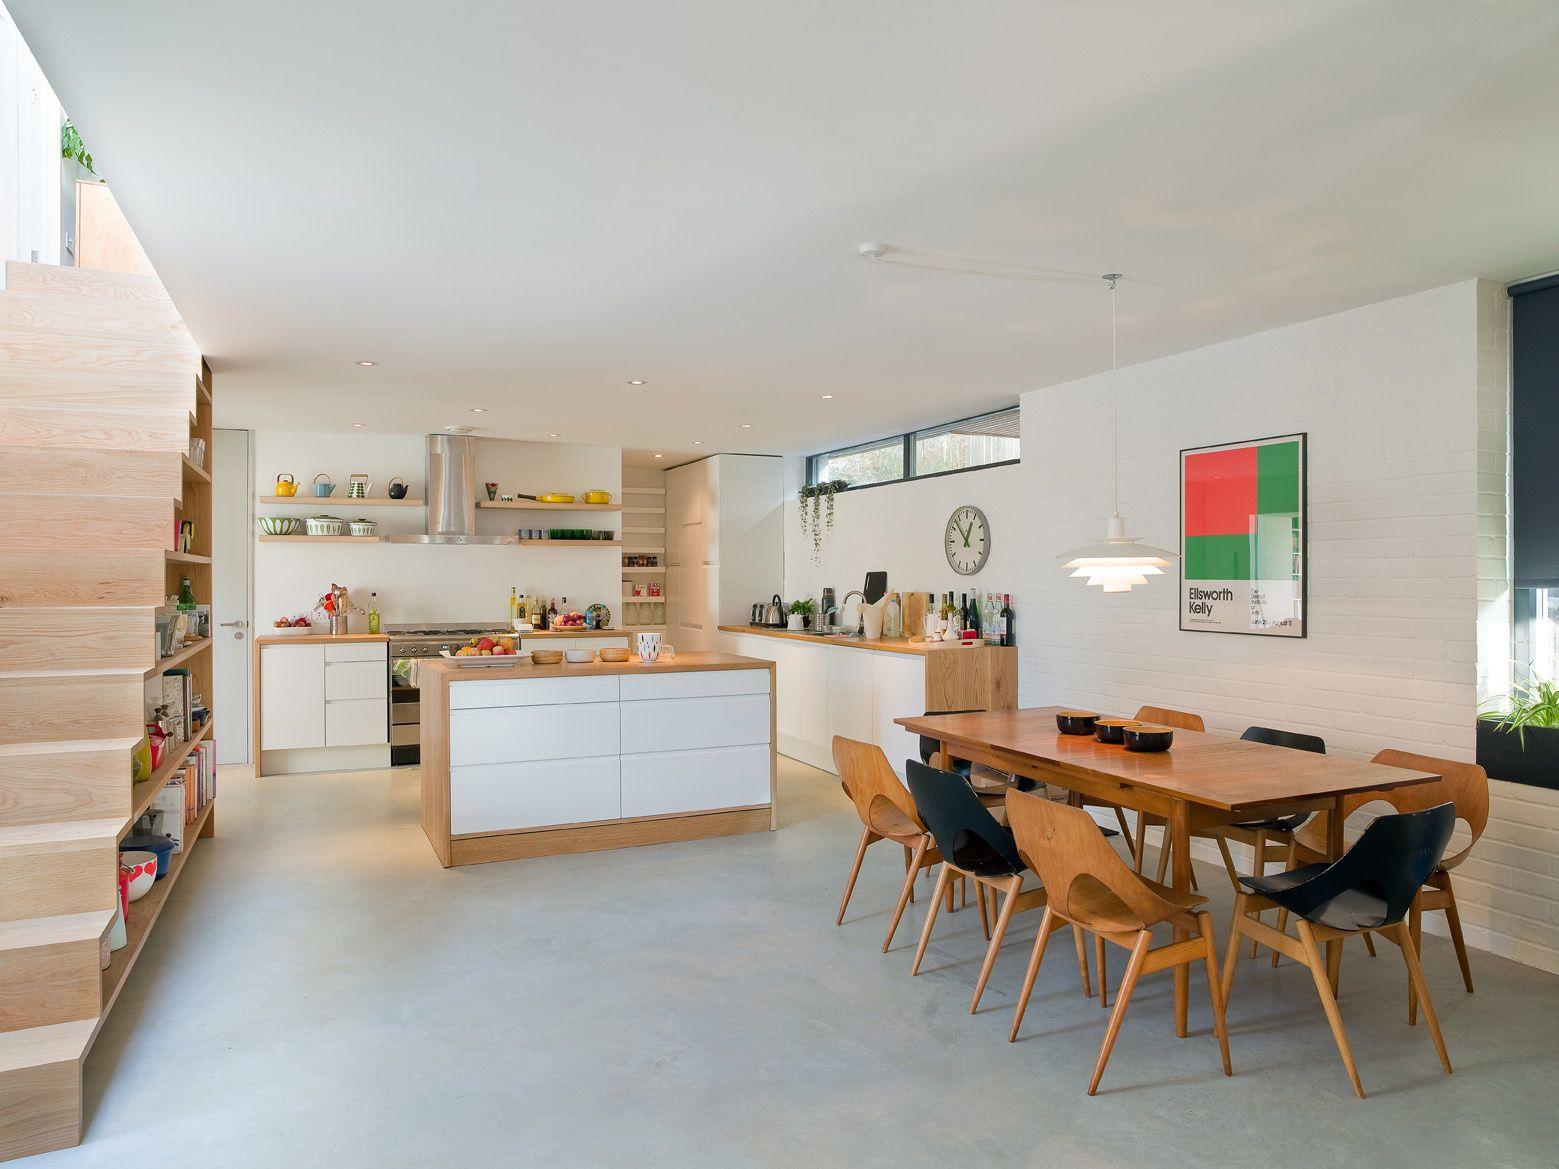 Kitchen And Dining Setup | Dwell